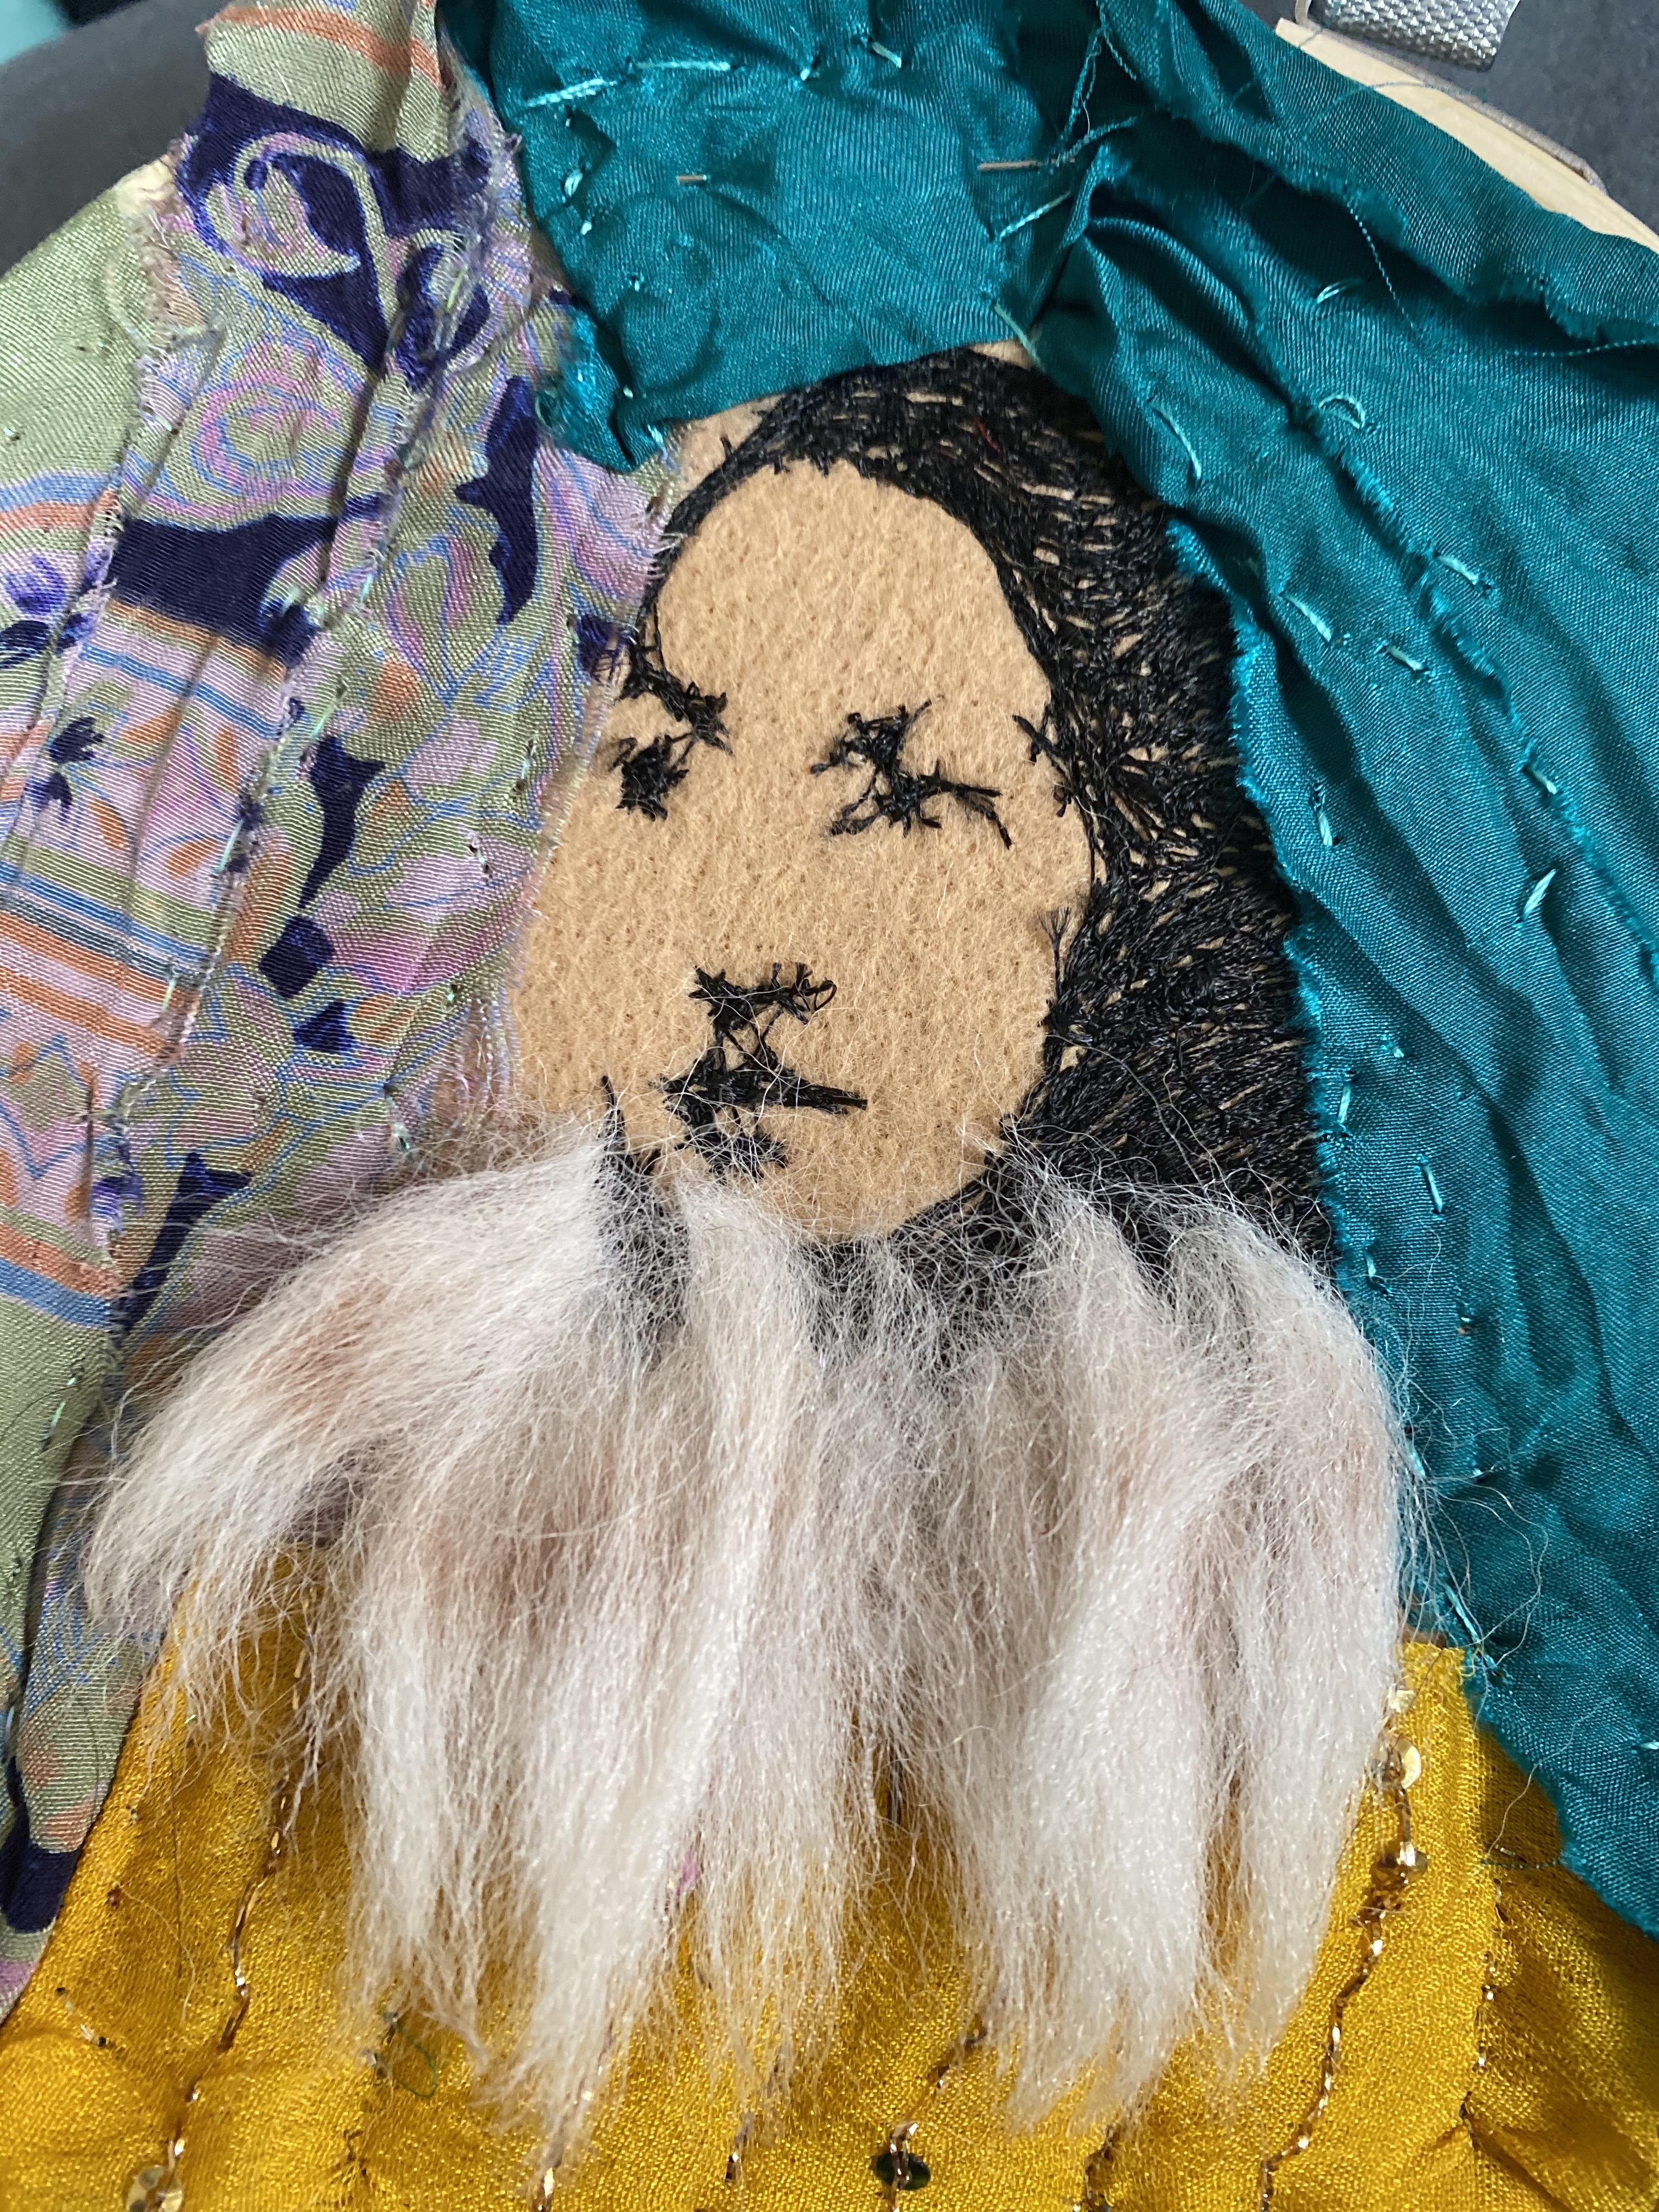 In the Pueblo, Bonnie MacAllister